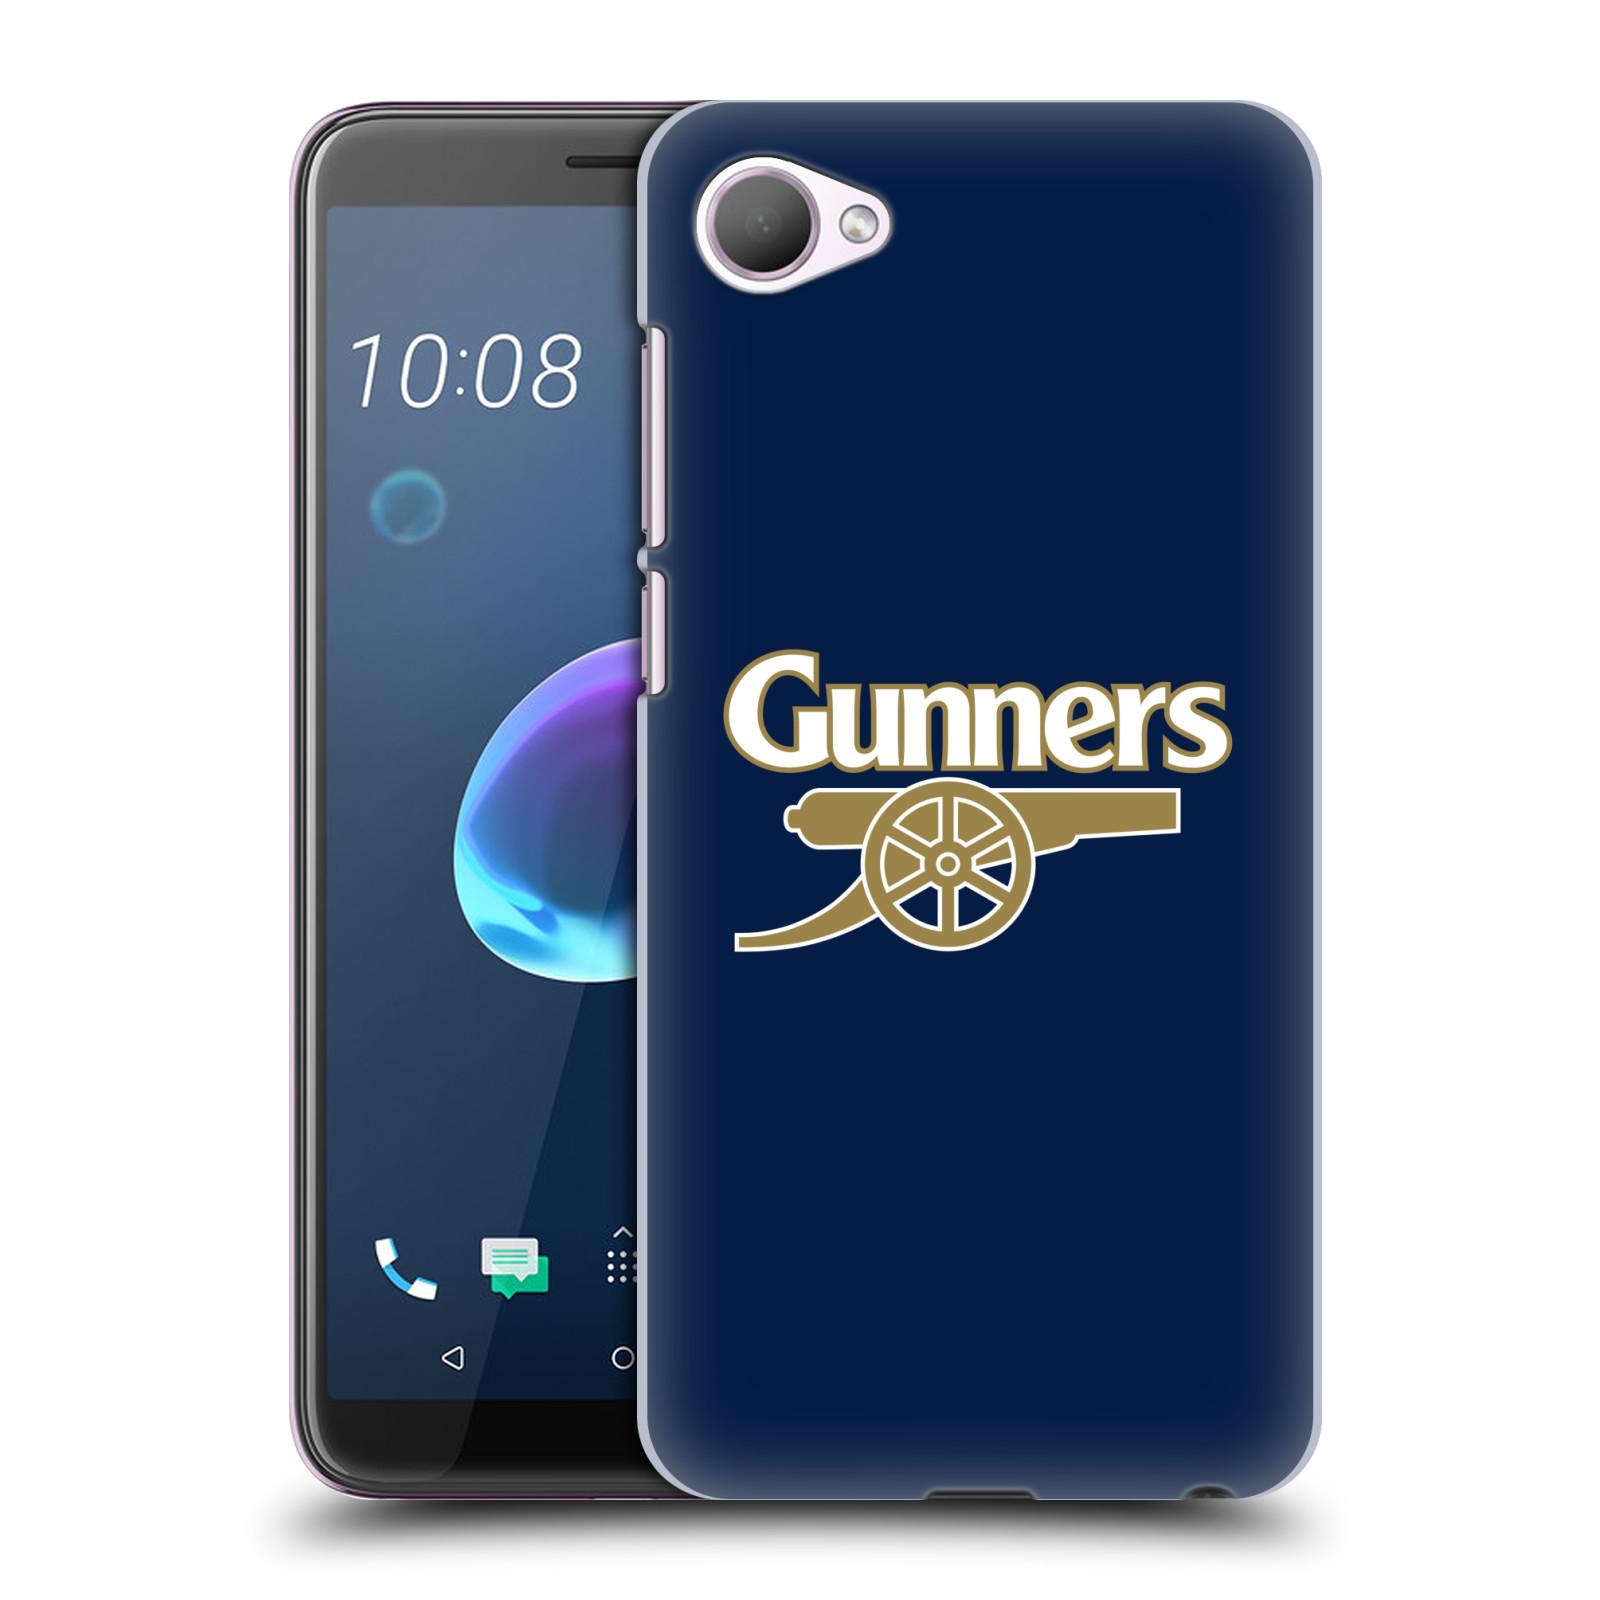 Plastové pouzdro na mobil HTC Desire 12 - Head Case - Arsenal FC - Gunners